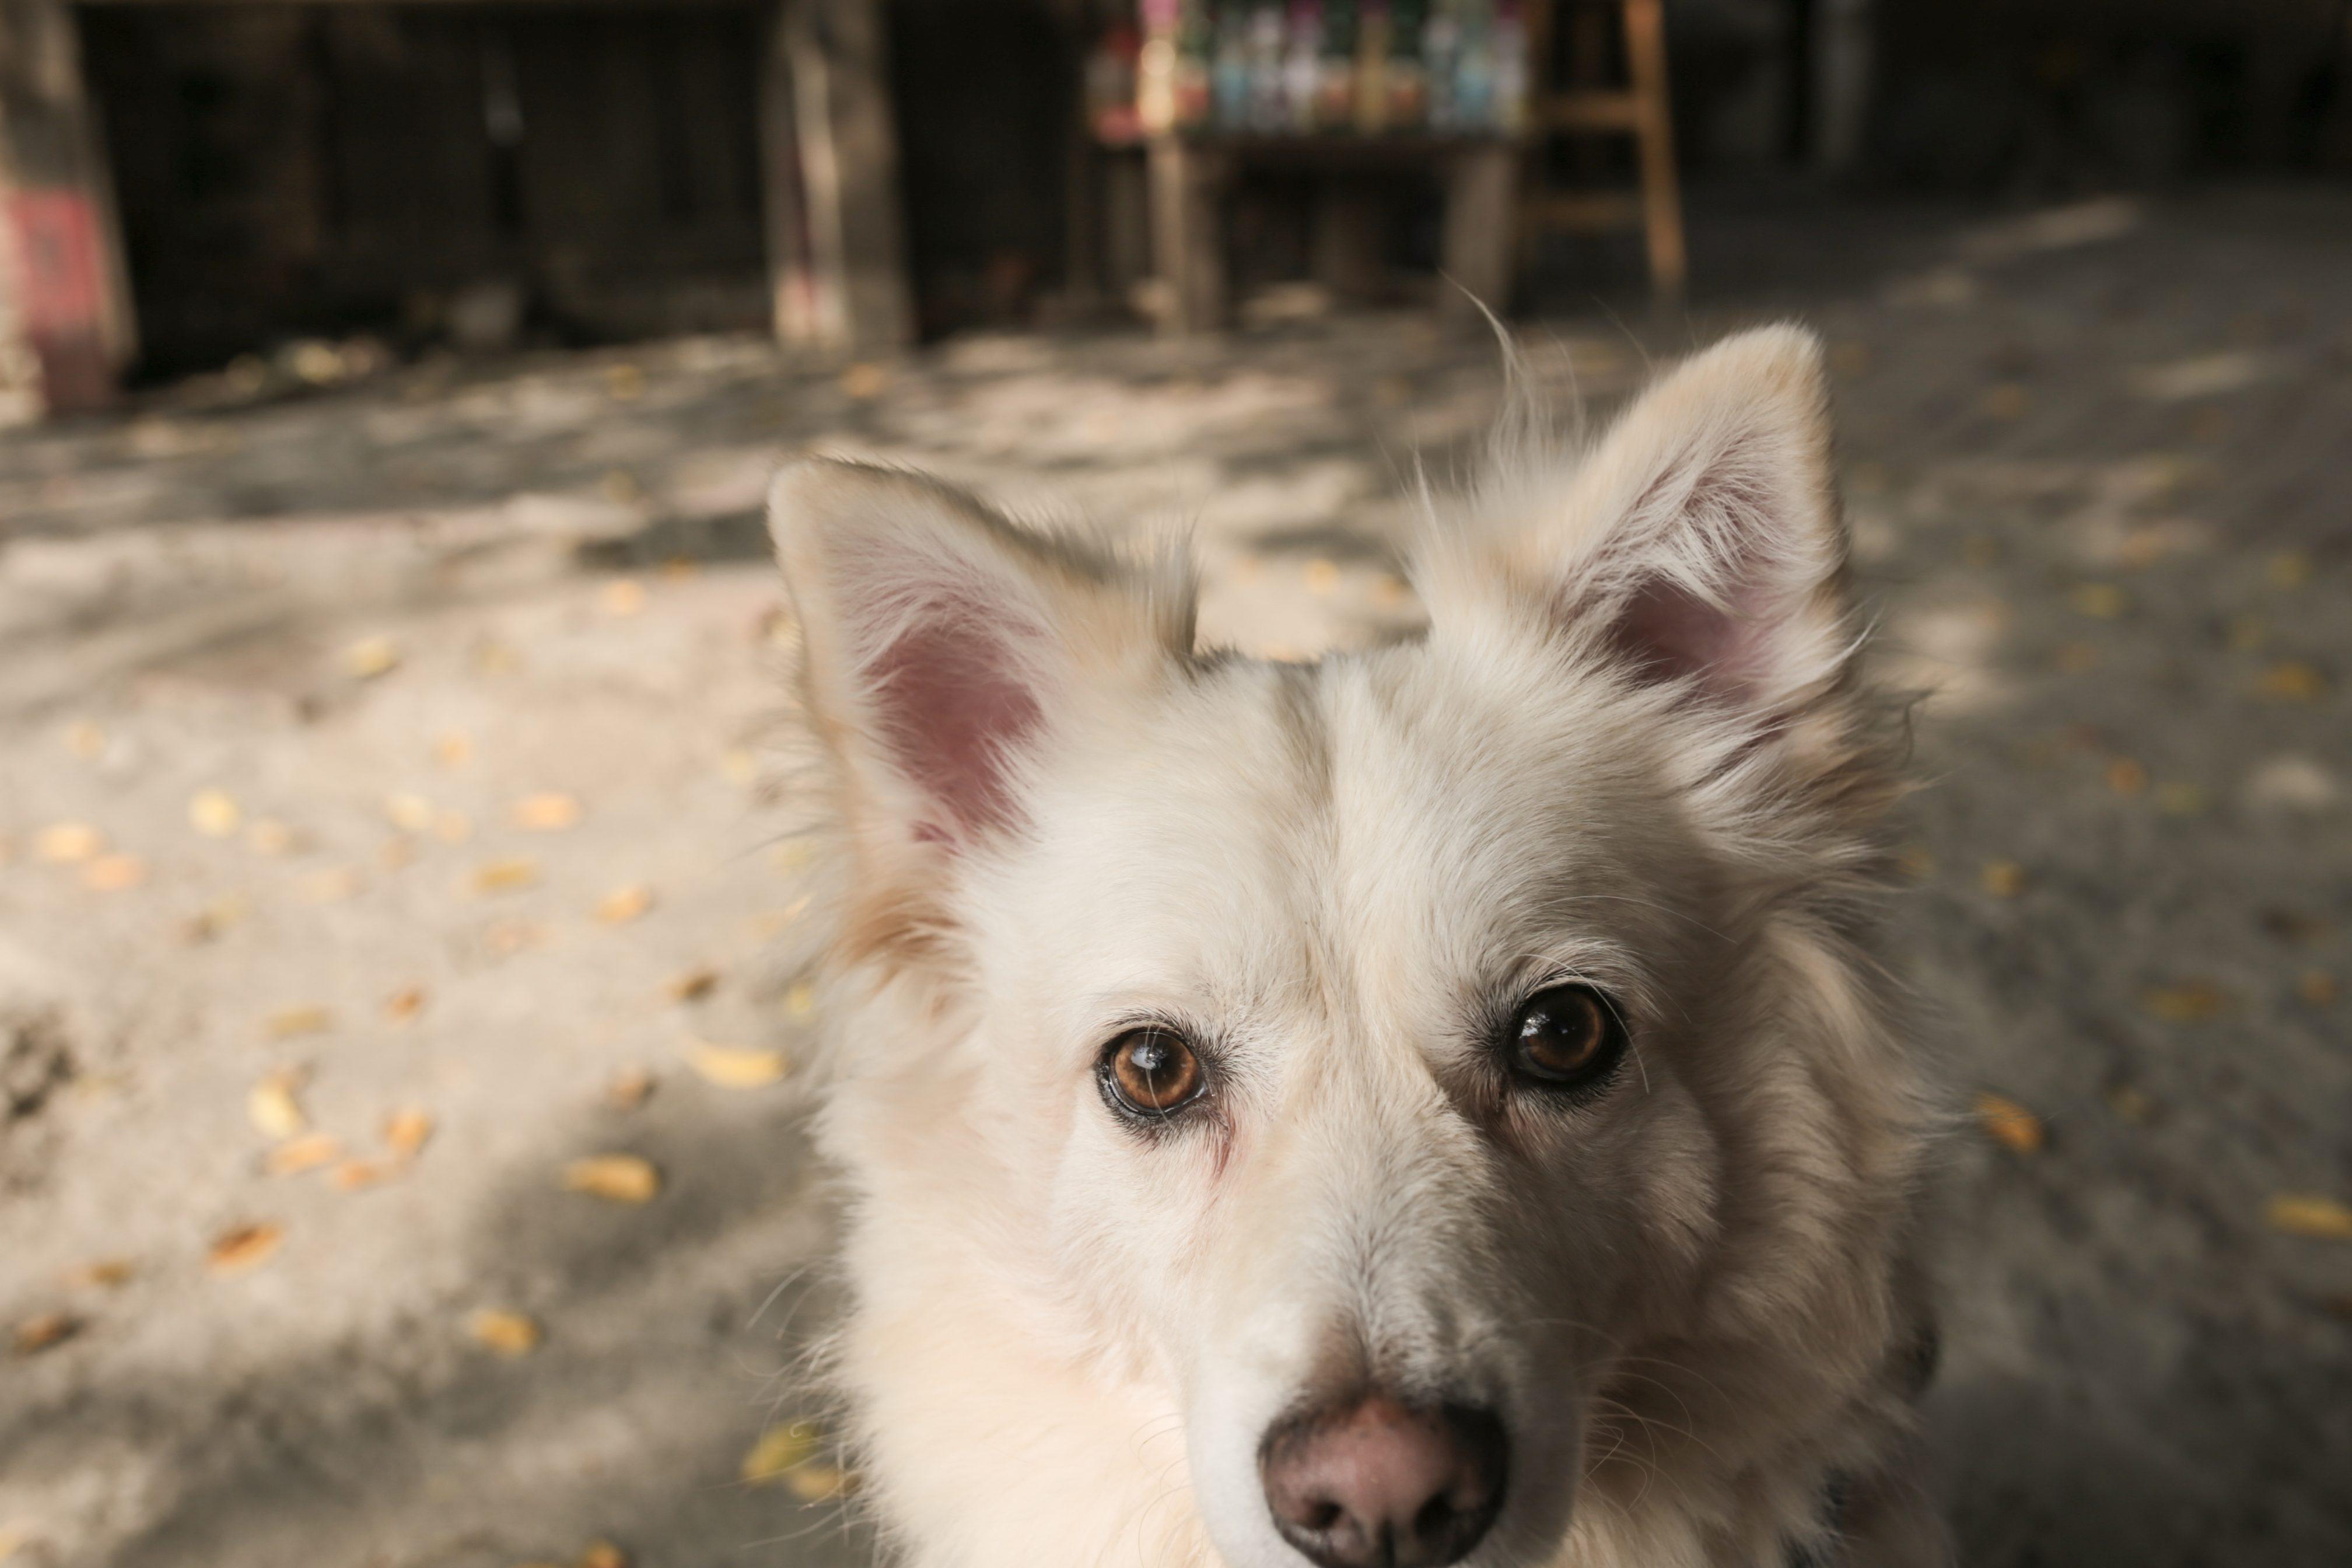 台南學甲老塘湖藝術村可以帶寵物